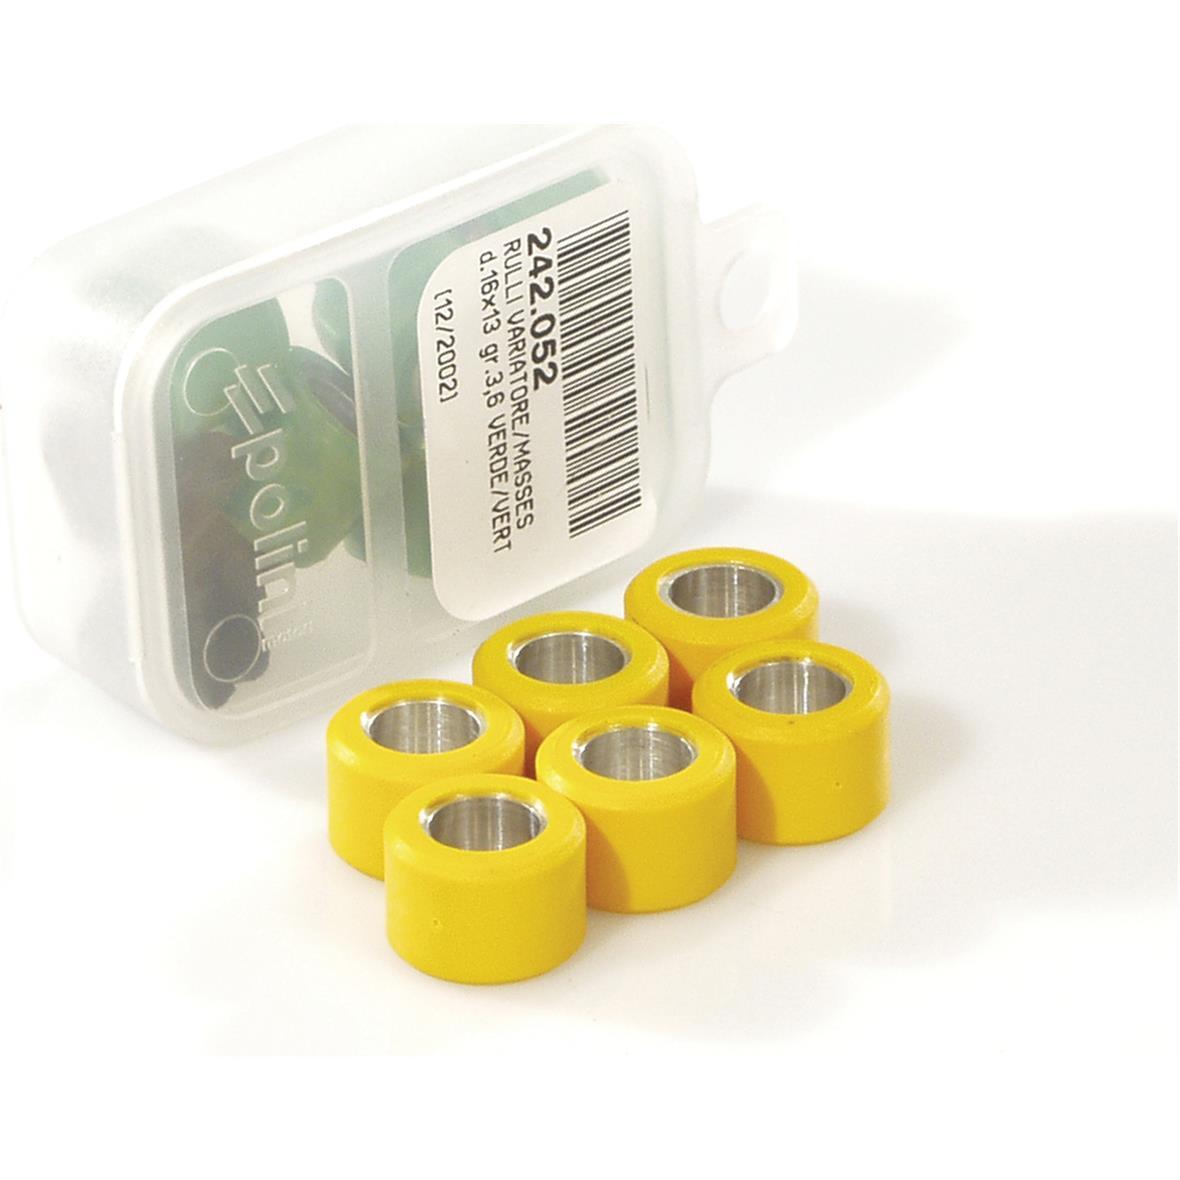 Zdjęcie produktu dla 'Rolki Variatora POLINI 17x12 mm 3,2 gTitle'